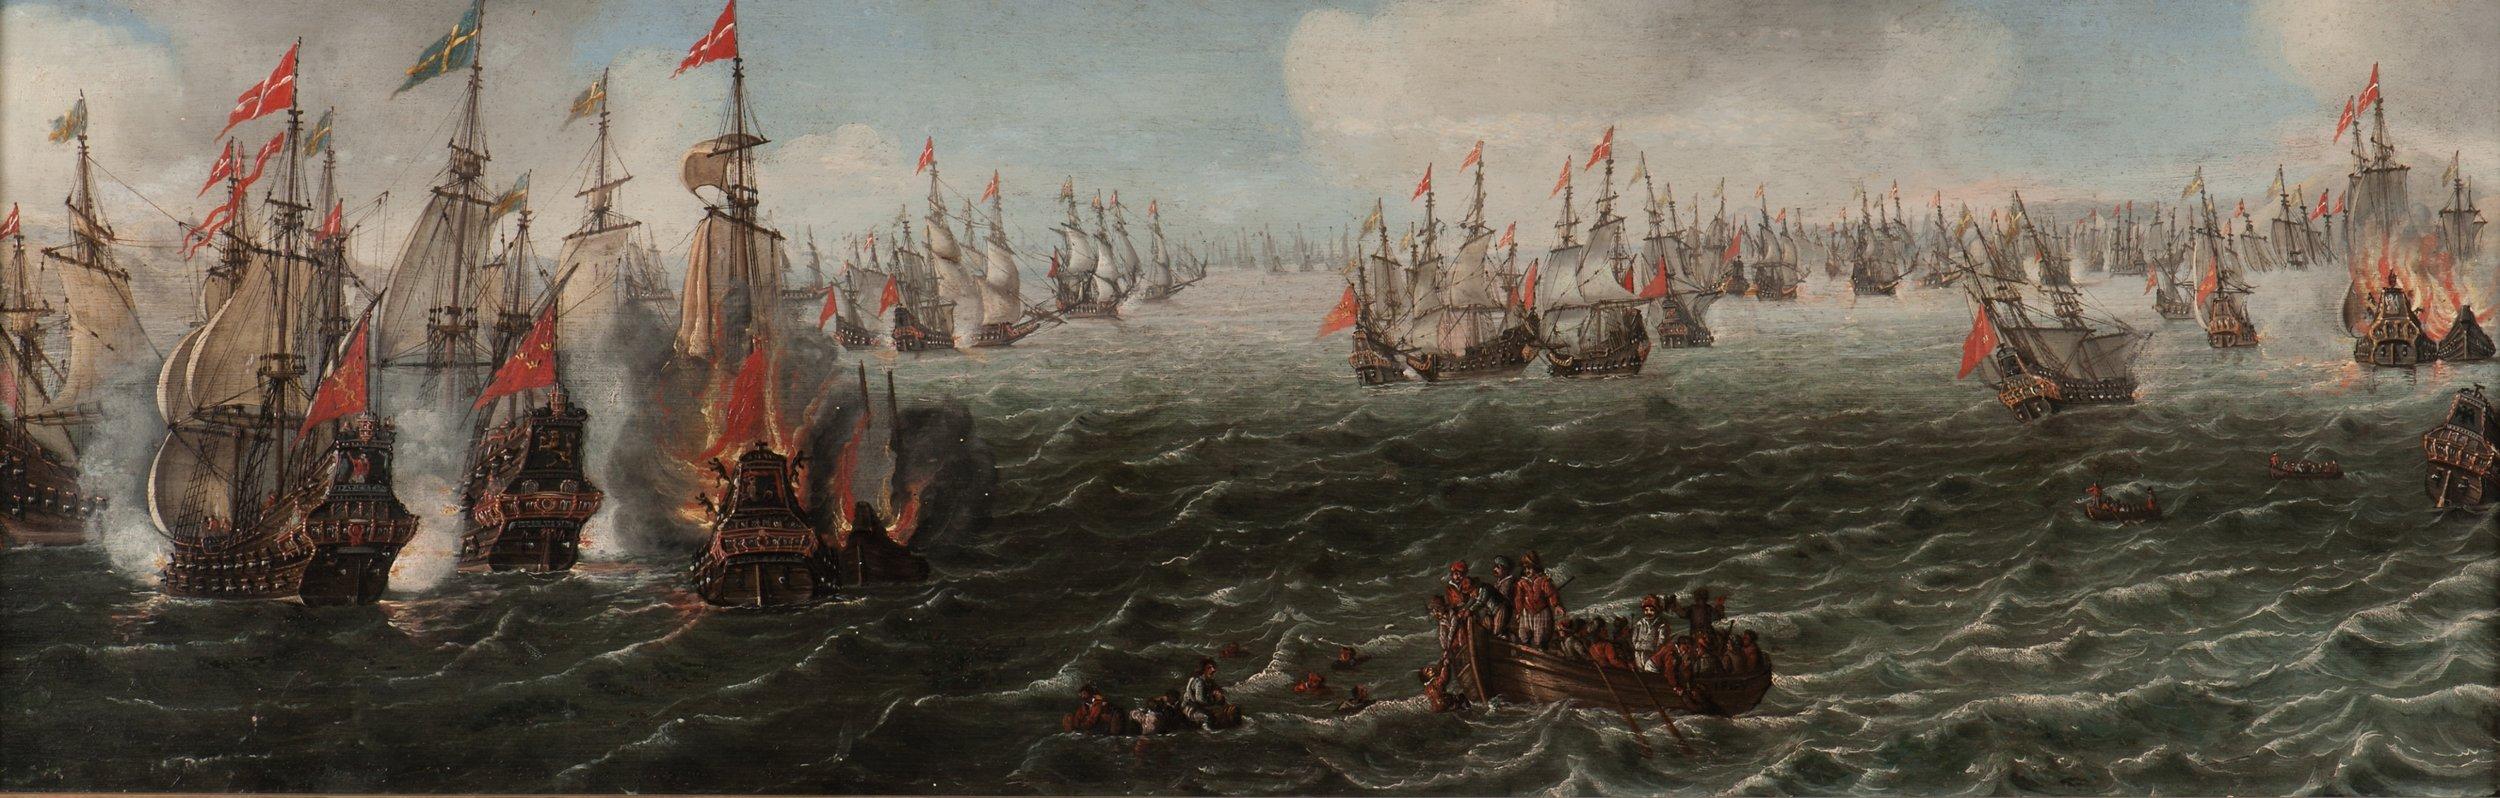 Slaget vid Femern 1644 mellan Danmark och Sverige, en av den svenska flottans största segrar någonsin. Målningen är troligen utförd vid samma tid av Jan van de Velde IV. Sjöhistoriska museet.